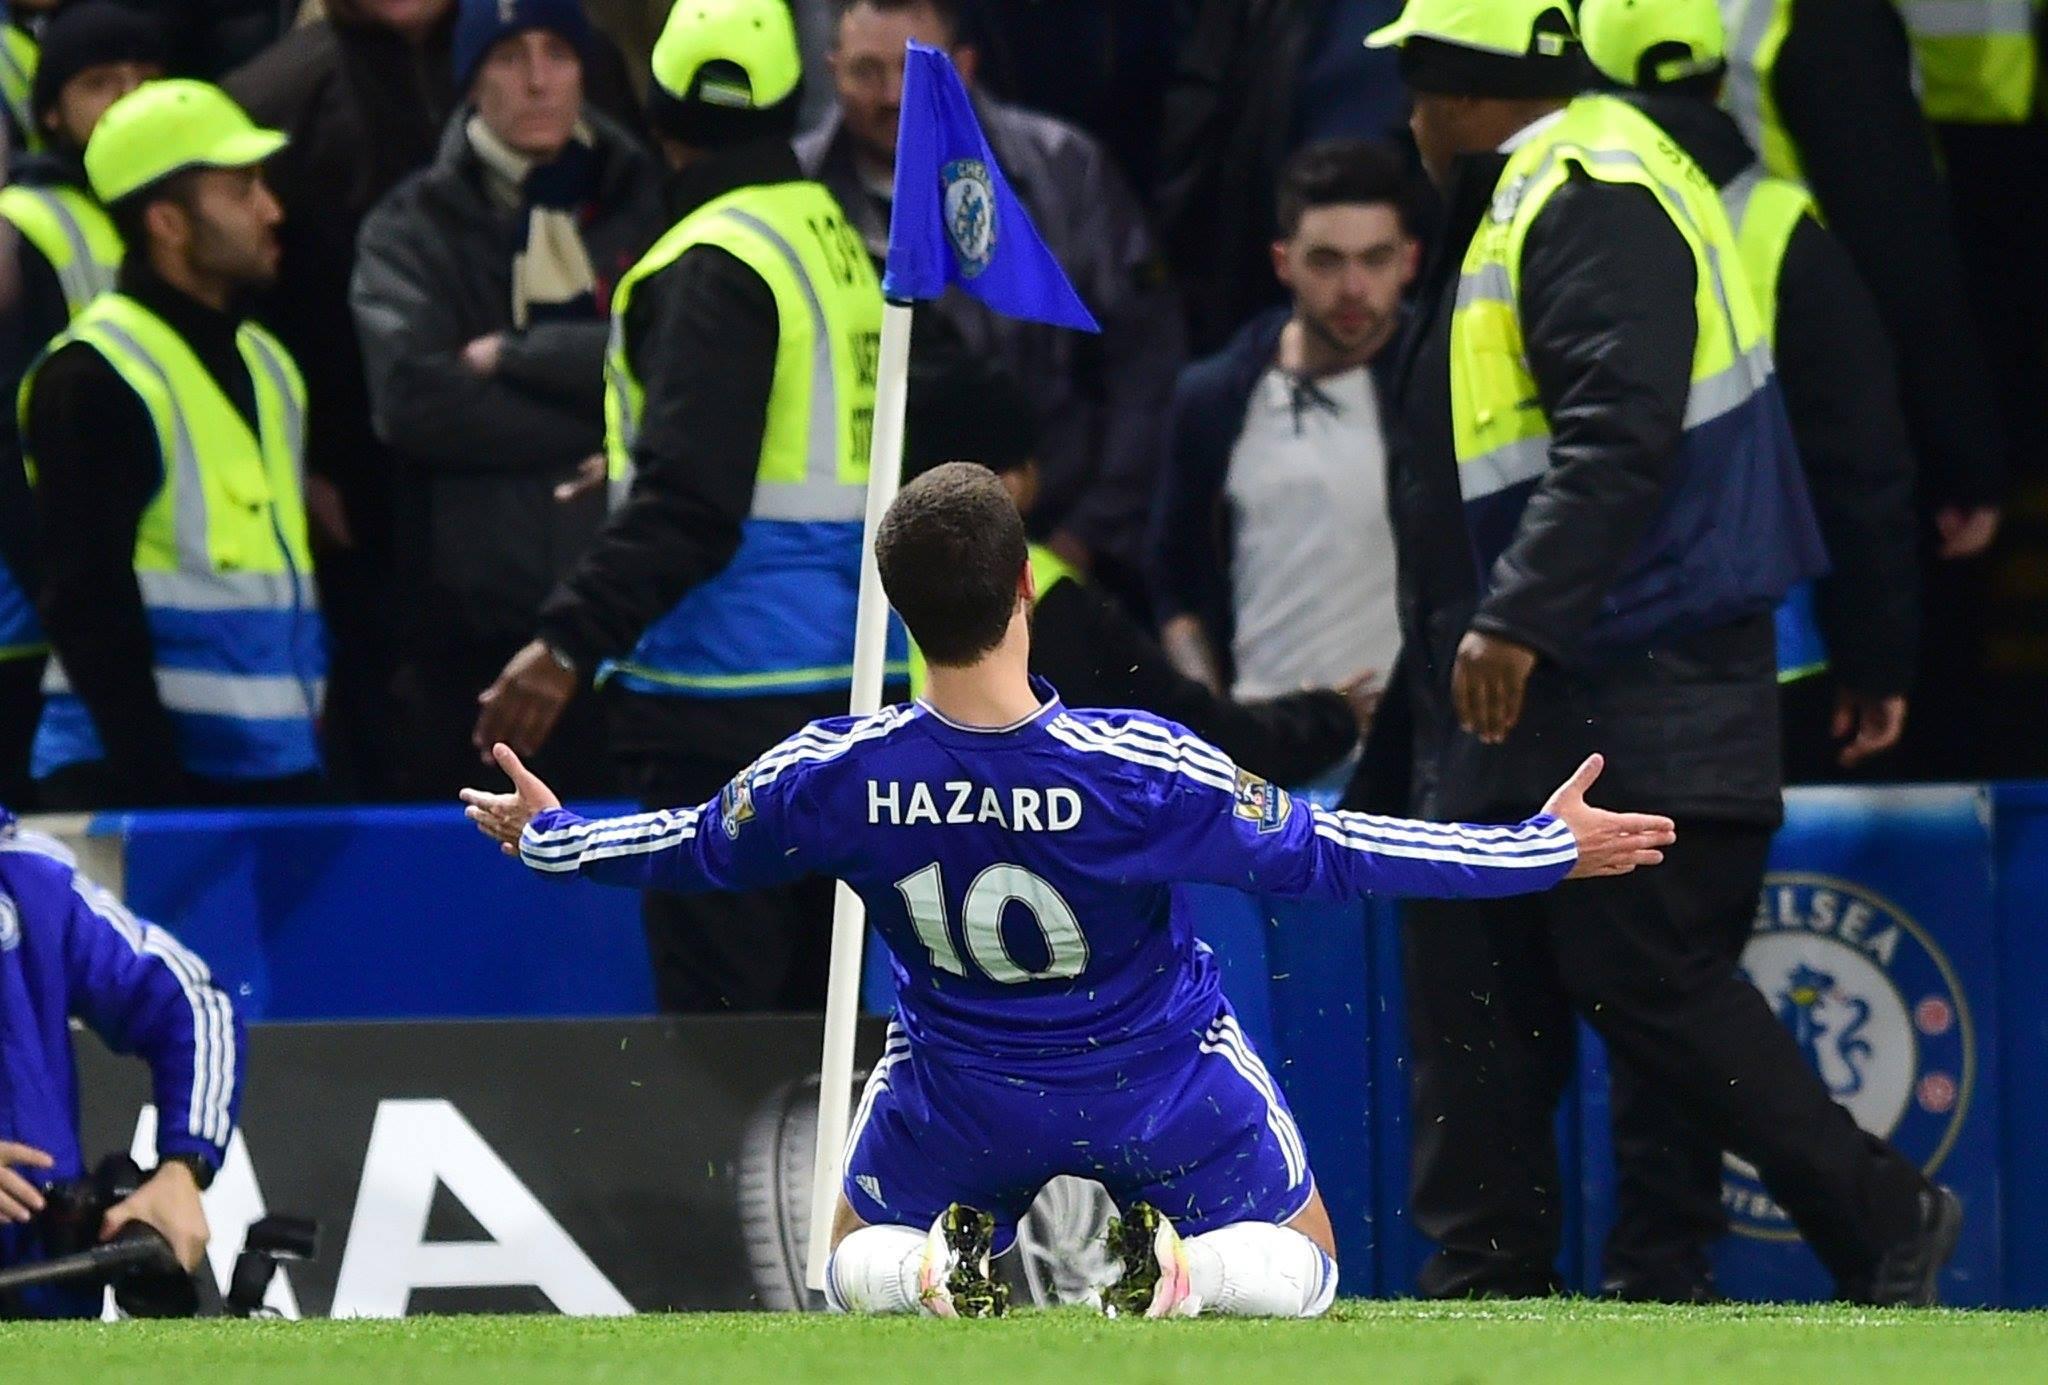 Hazard fez o gol do título do Chelsea e do Leicester